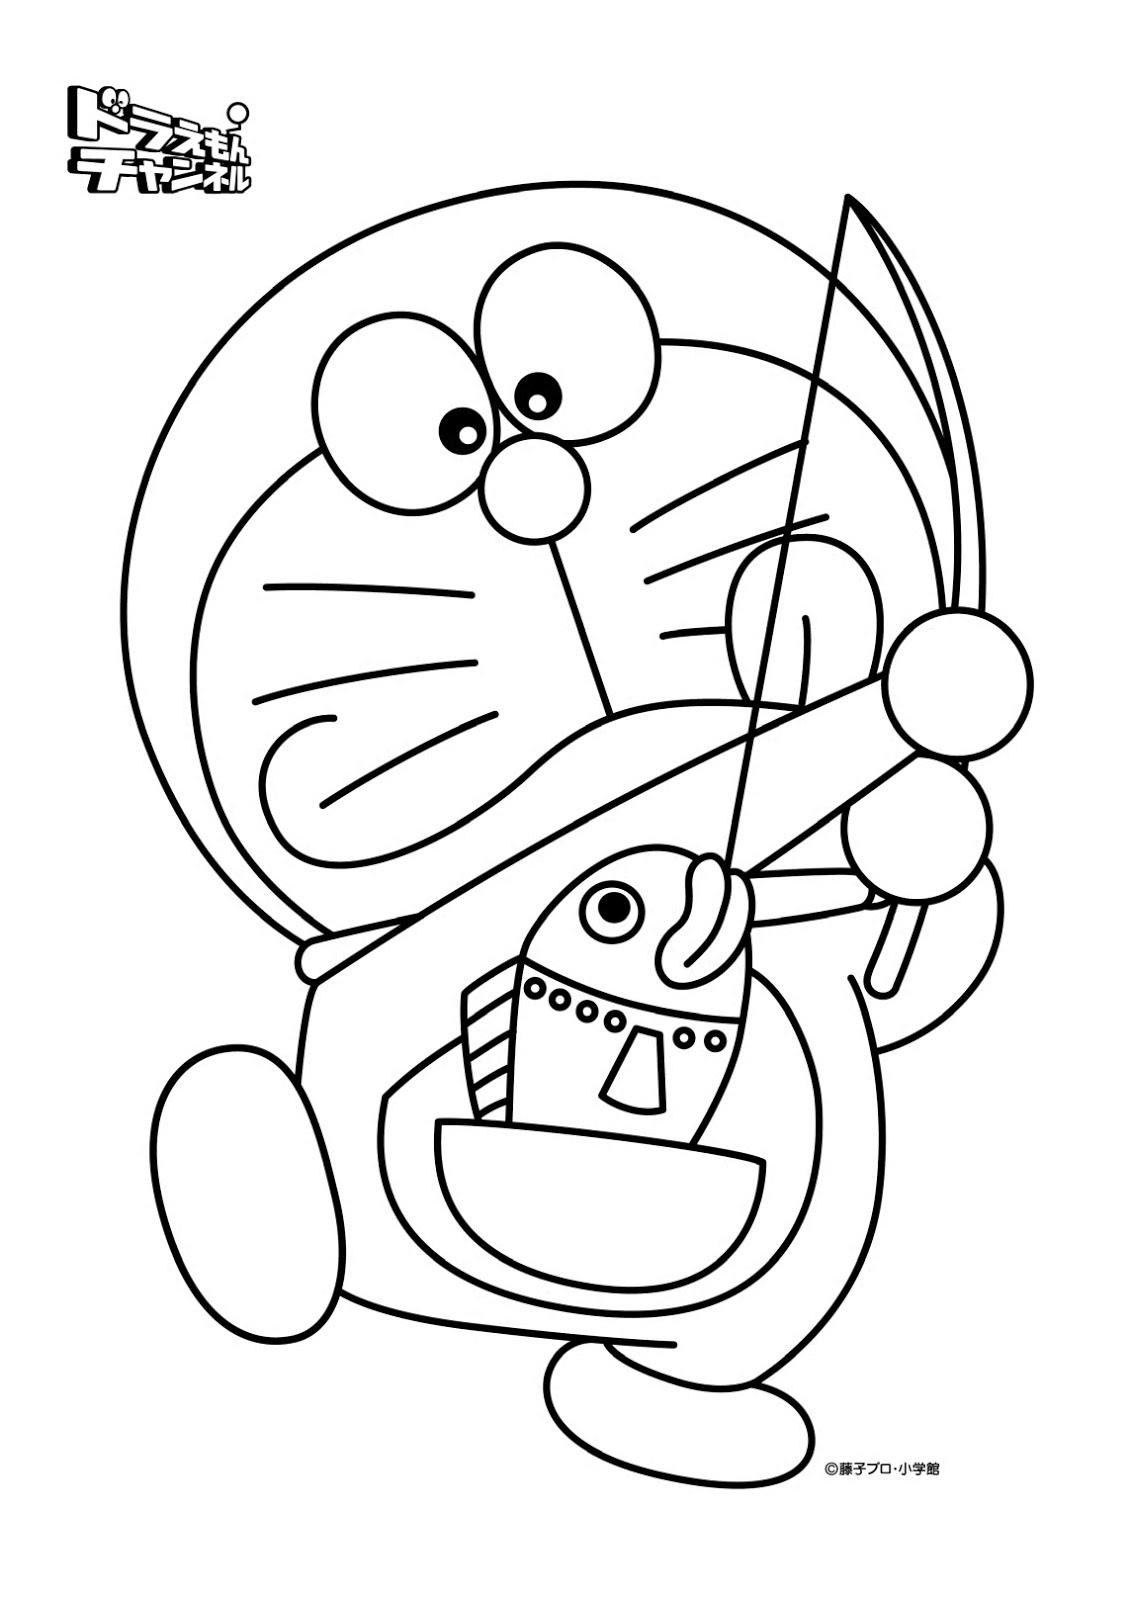 10 Mewarnai Gambar Doraemon Pemandangan Kartun Masjid Mobil Nobita